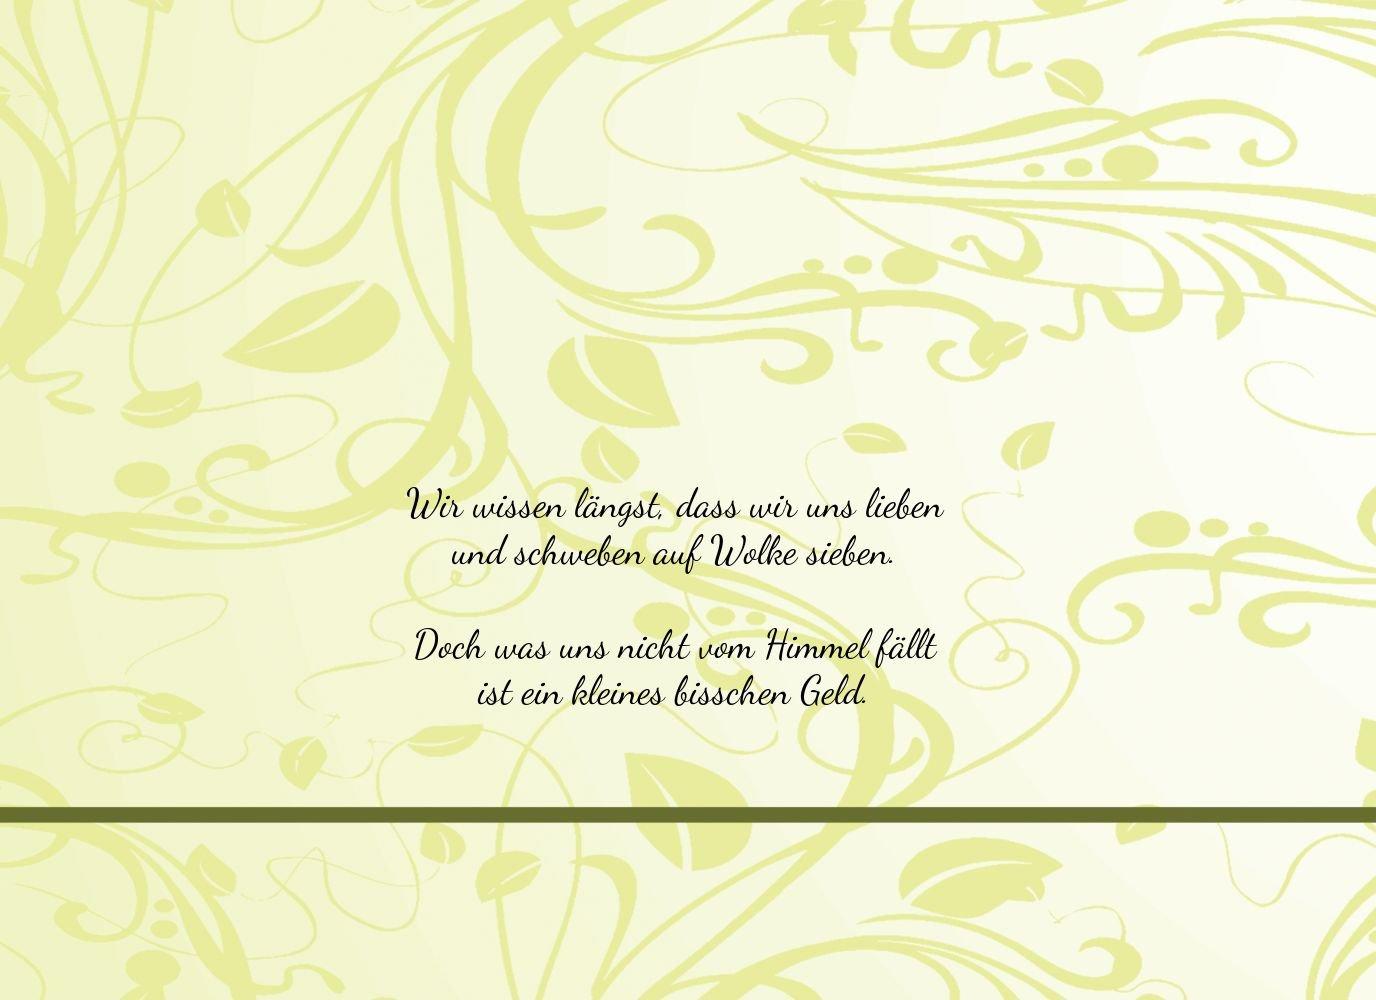 Kartenparadies Kartenparadies Kartenparadies Hochzeitskarte Hochzeit Einladung Blättertraum 2, hochwertige Einladung zur Heirat inklusive Umschläge   10 Karten - (Format  148x105 mm) Farbe  Schwarz B01MS9MI9O | Hochwertig  | Niedriger Preis  | Hochwertige Materialien  7a6721